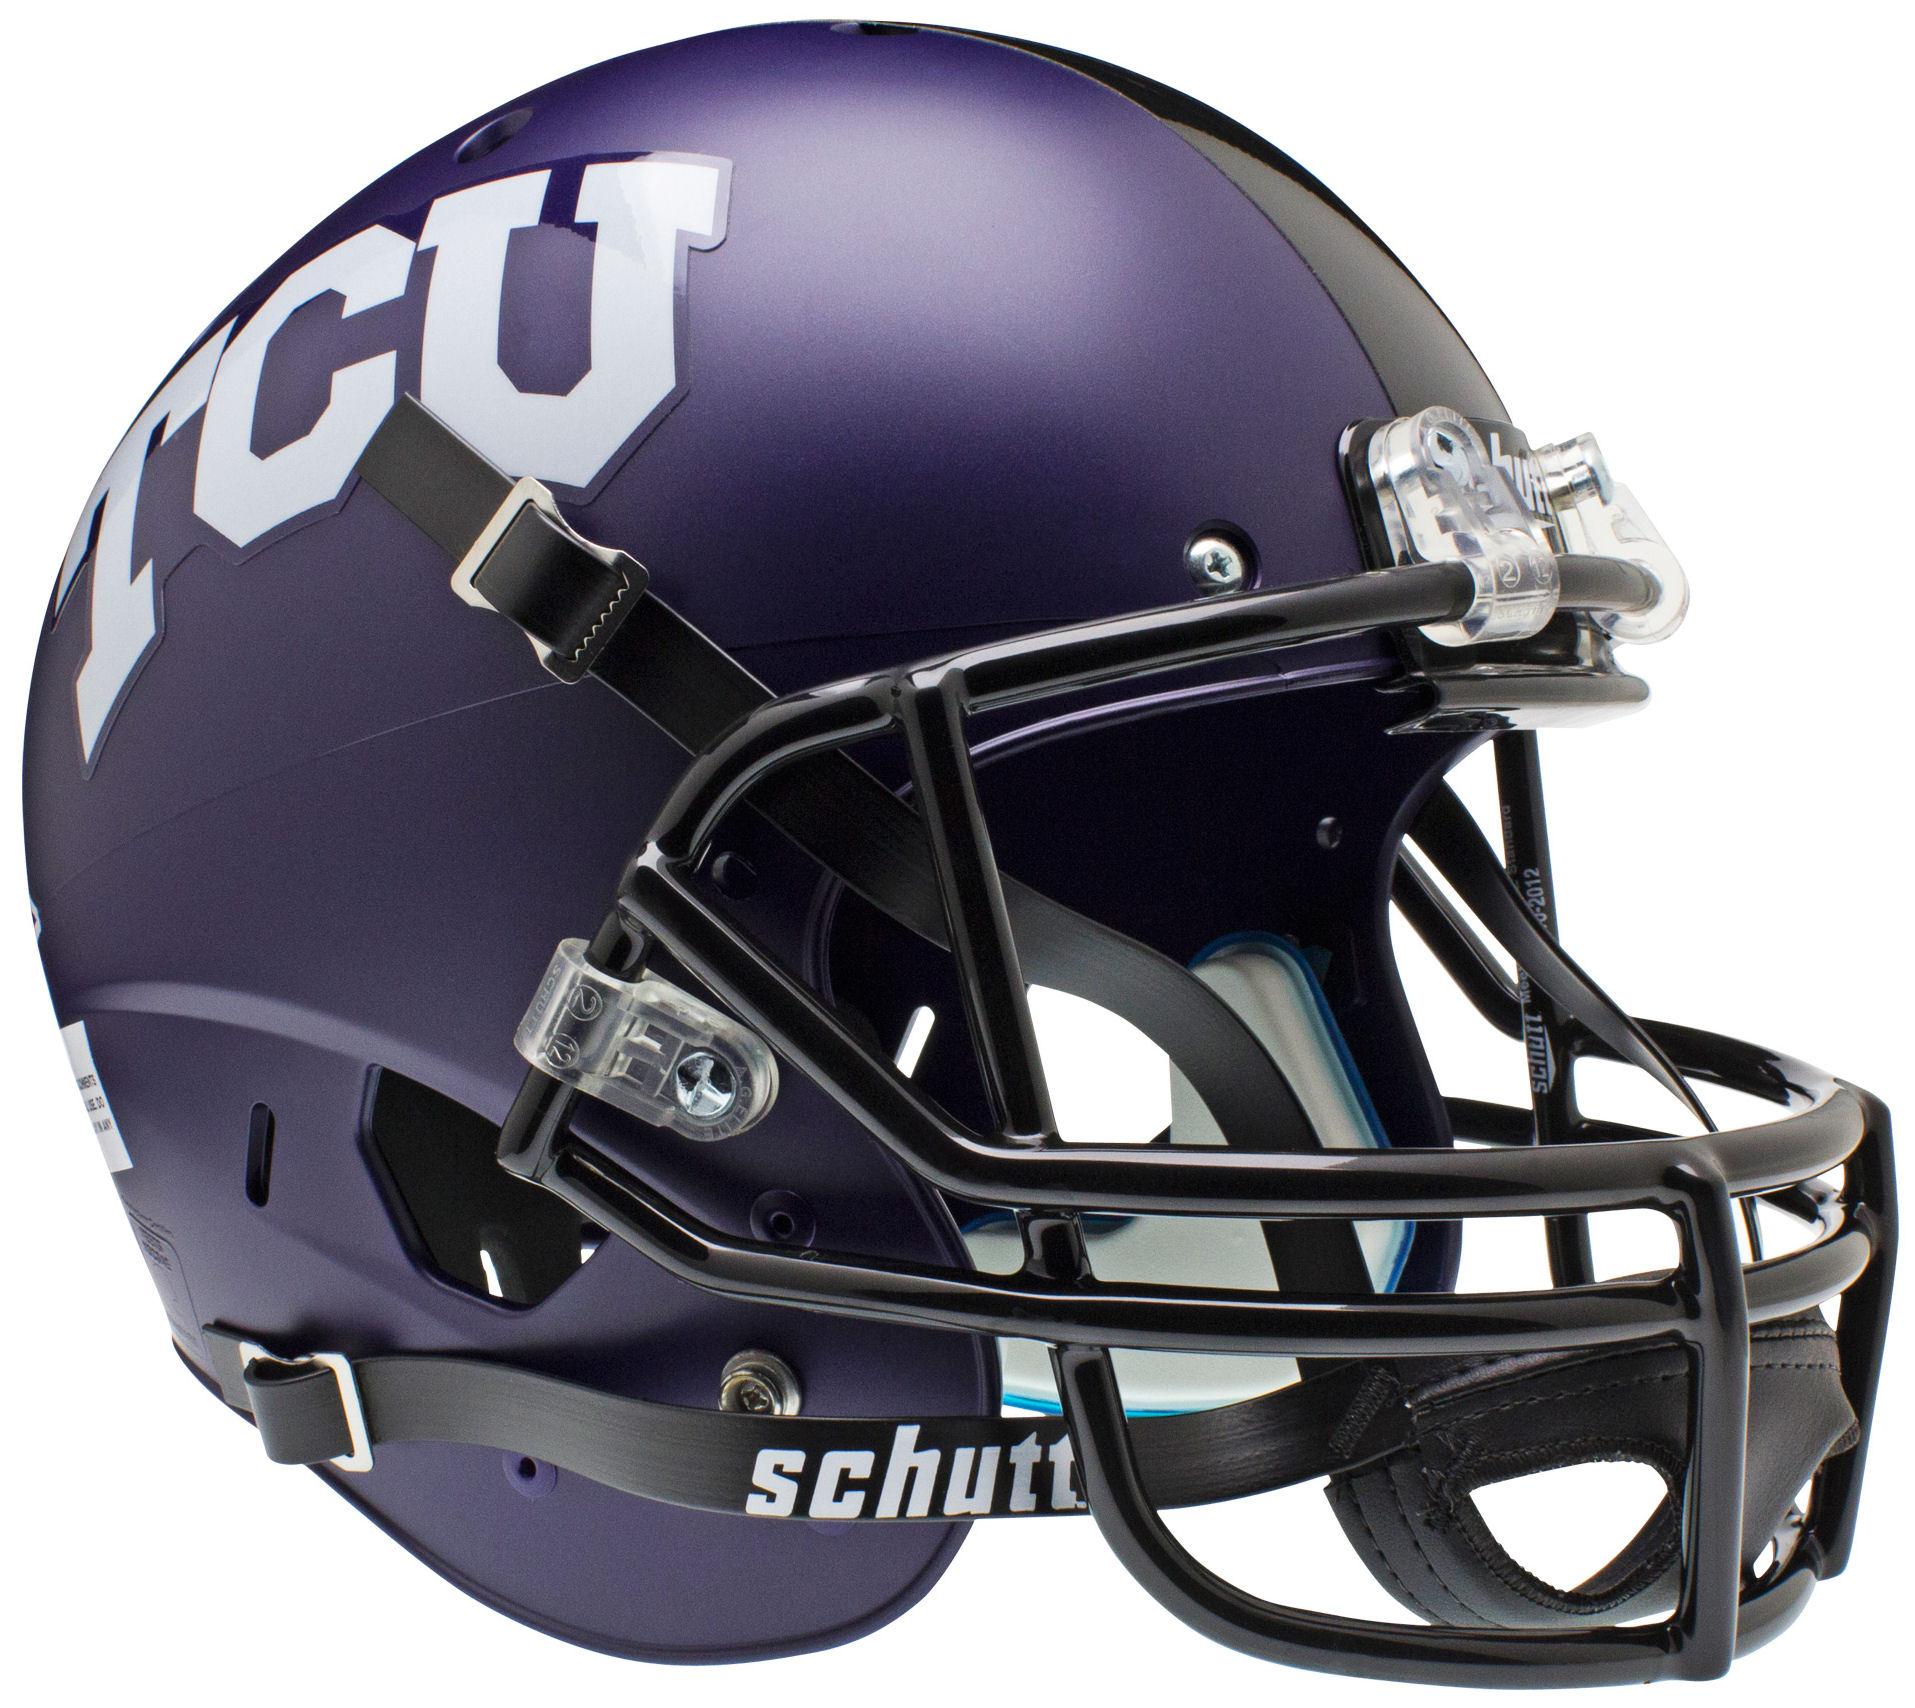 TCU Horned Frogs Full XP Replica Football Helmet Schutt <B>Matte</B>